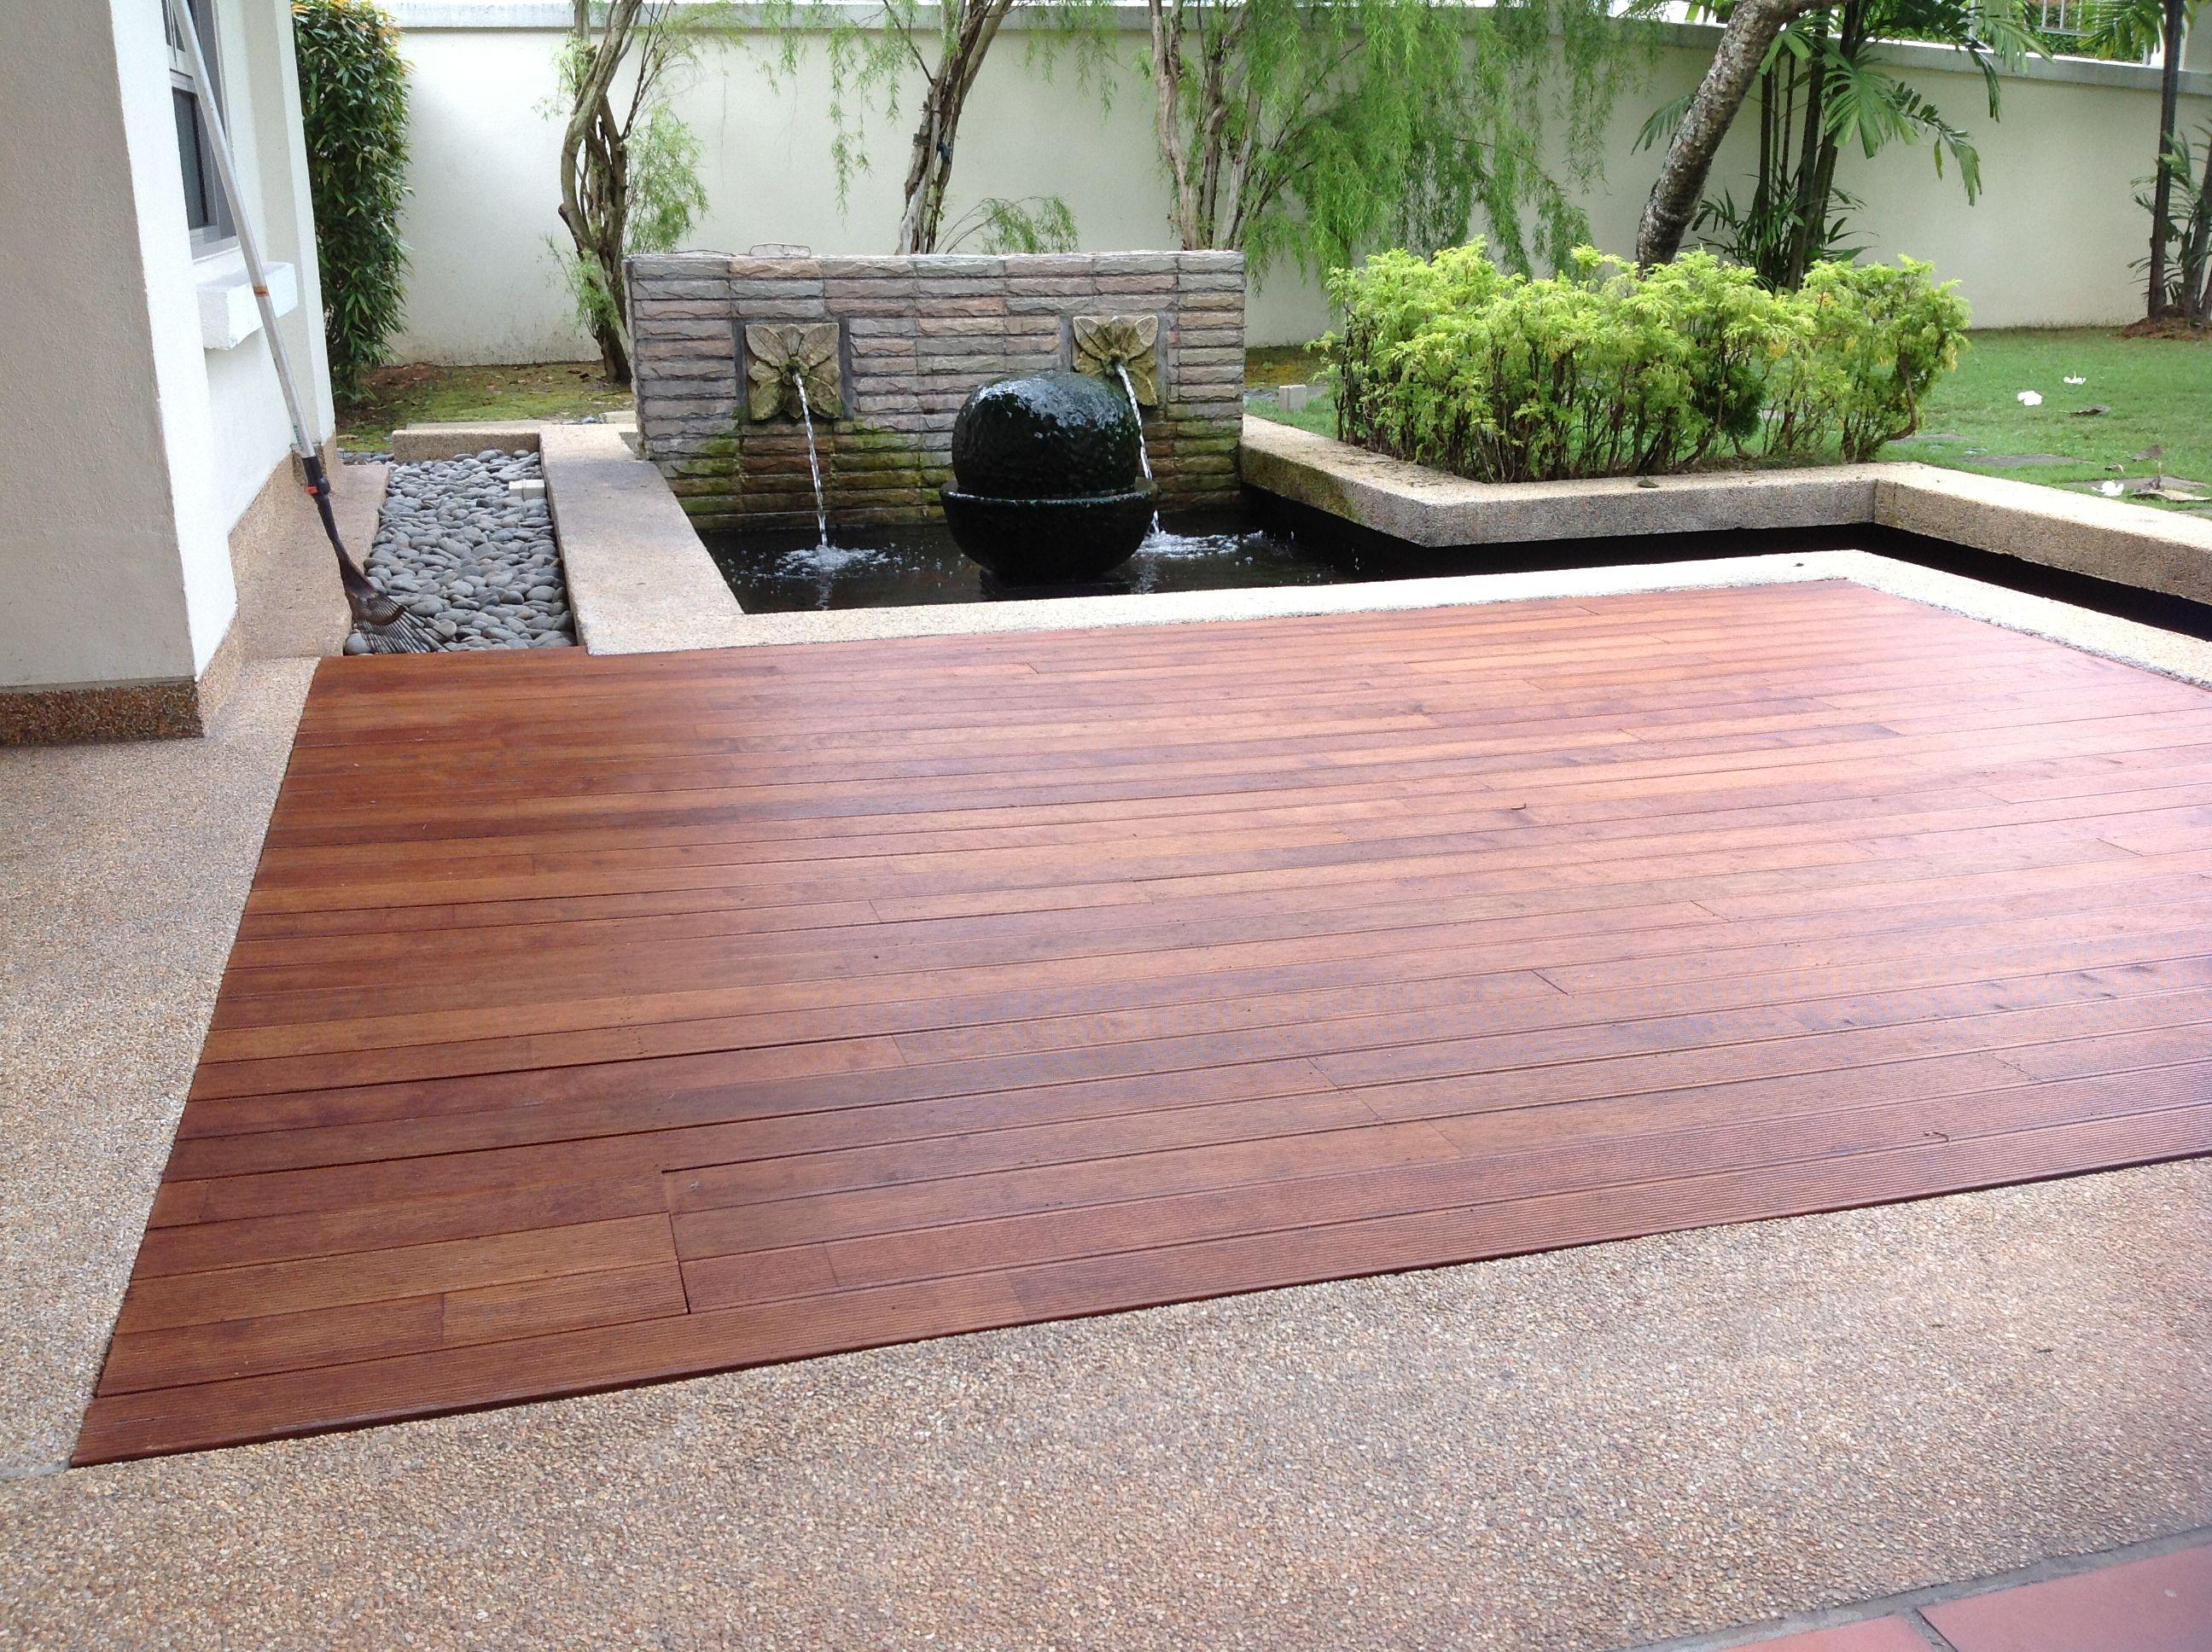 Timber Decking Chengal Malaysia Timber deck, Timber